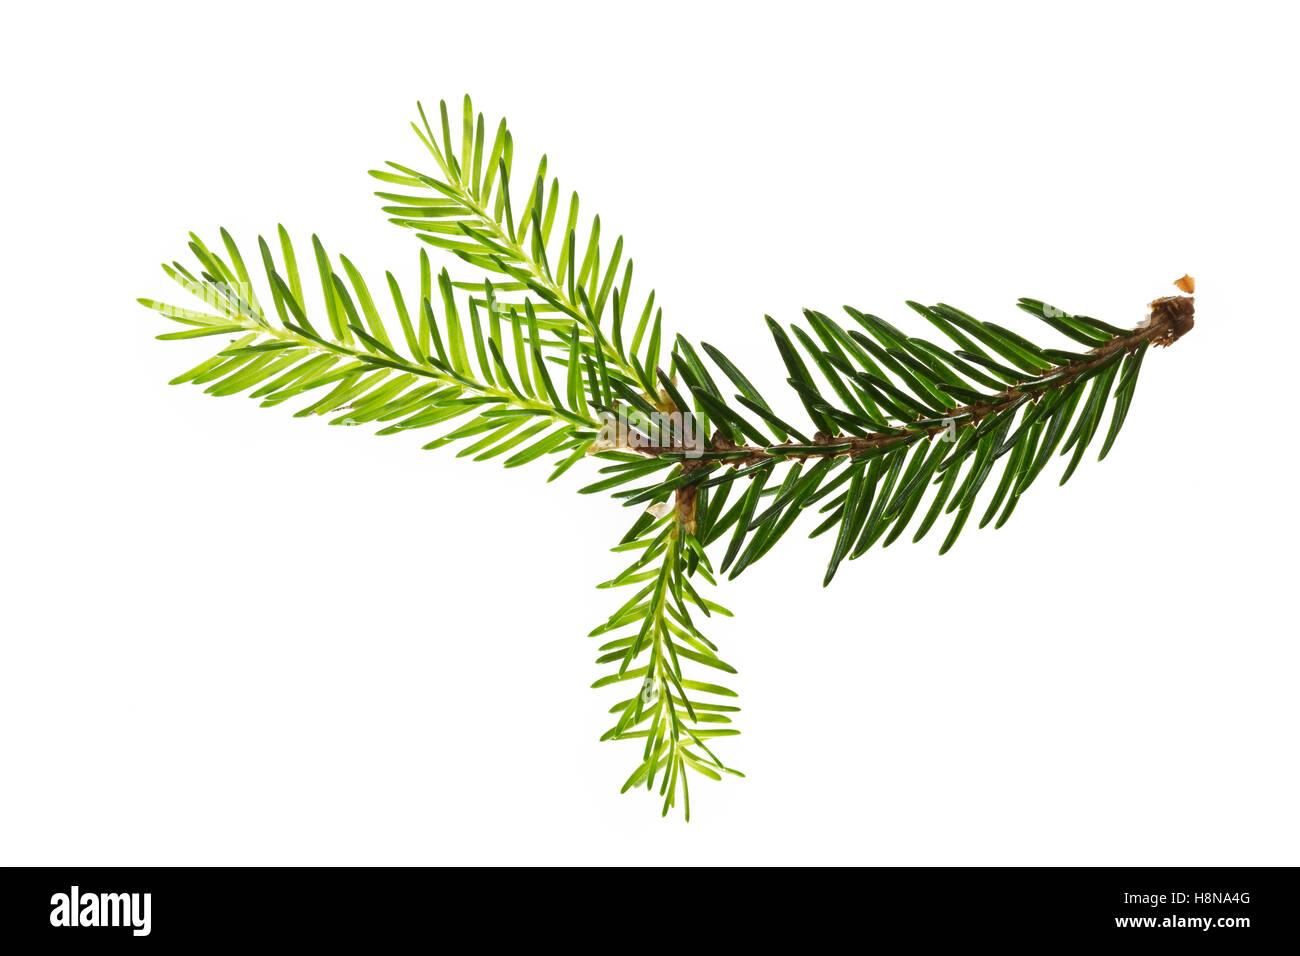 Gewöhnliche Fichte, Rot-Fichte, Rotfichte, Picea abies, Common Spruce, Norway spruce, L'Épicéa, Épicéa - Stock Image